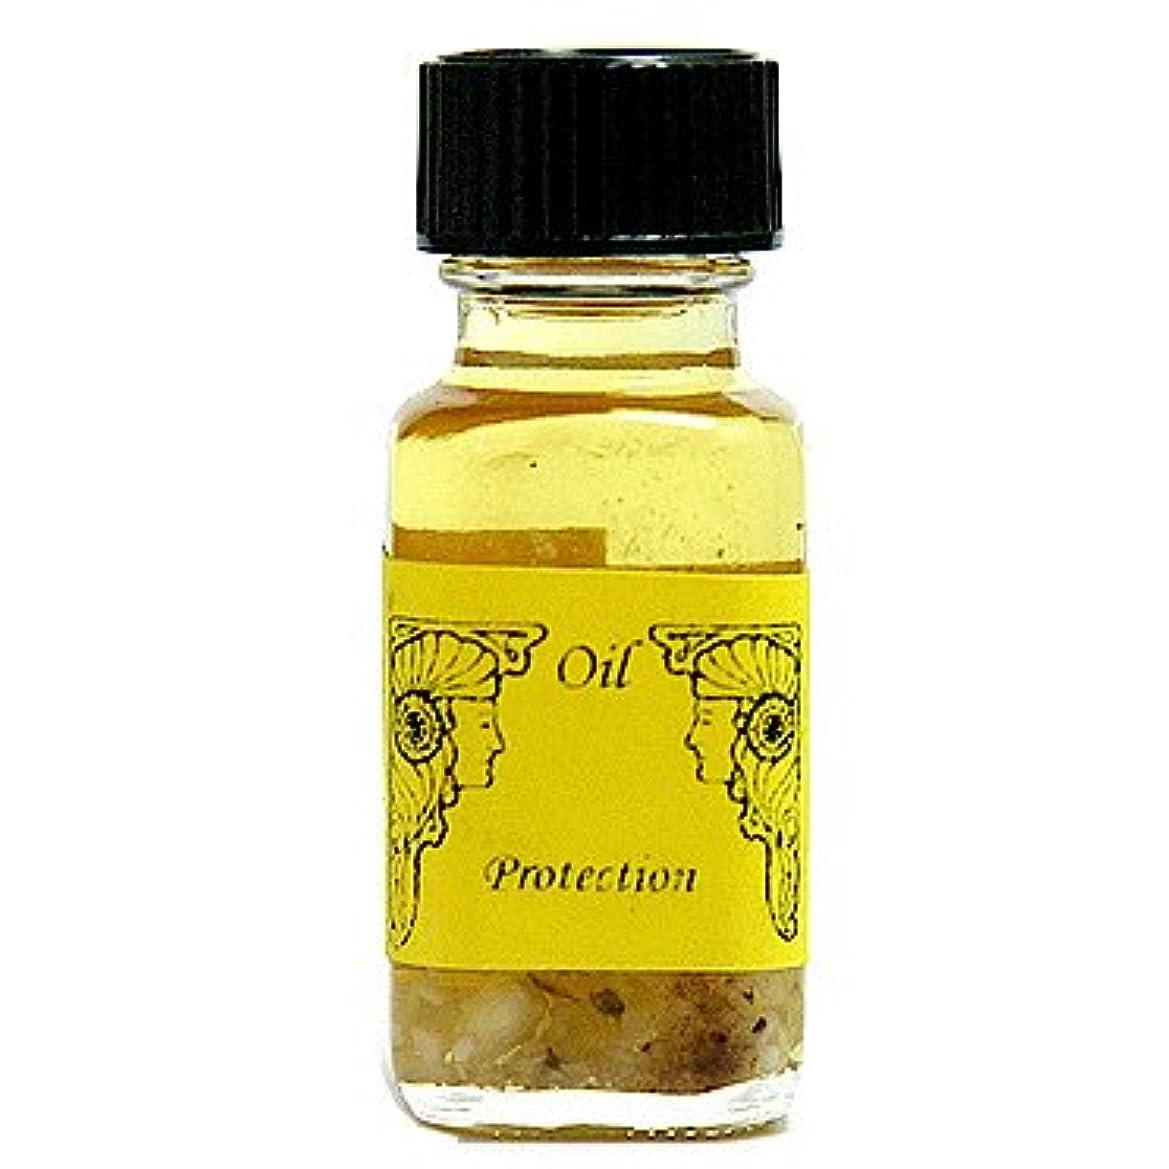 帽子困惑テントアンシェントメモリーオイル プロテクション (守護?厄よけ) 15ml (Ancient Memory Oils)